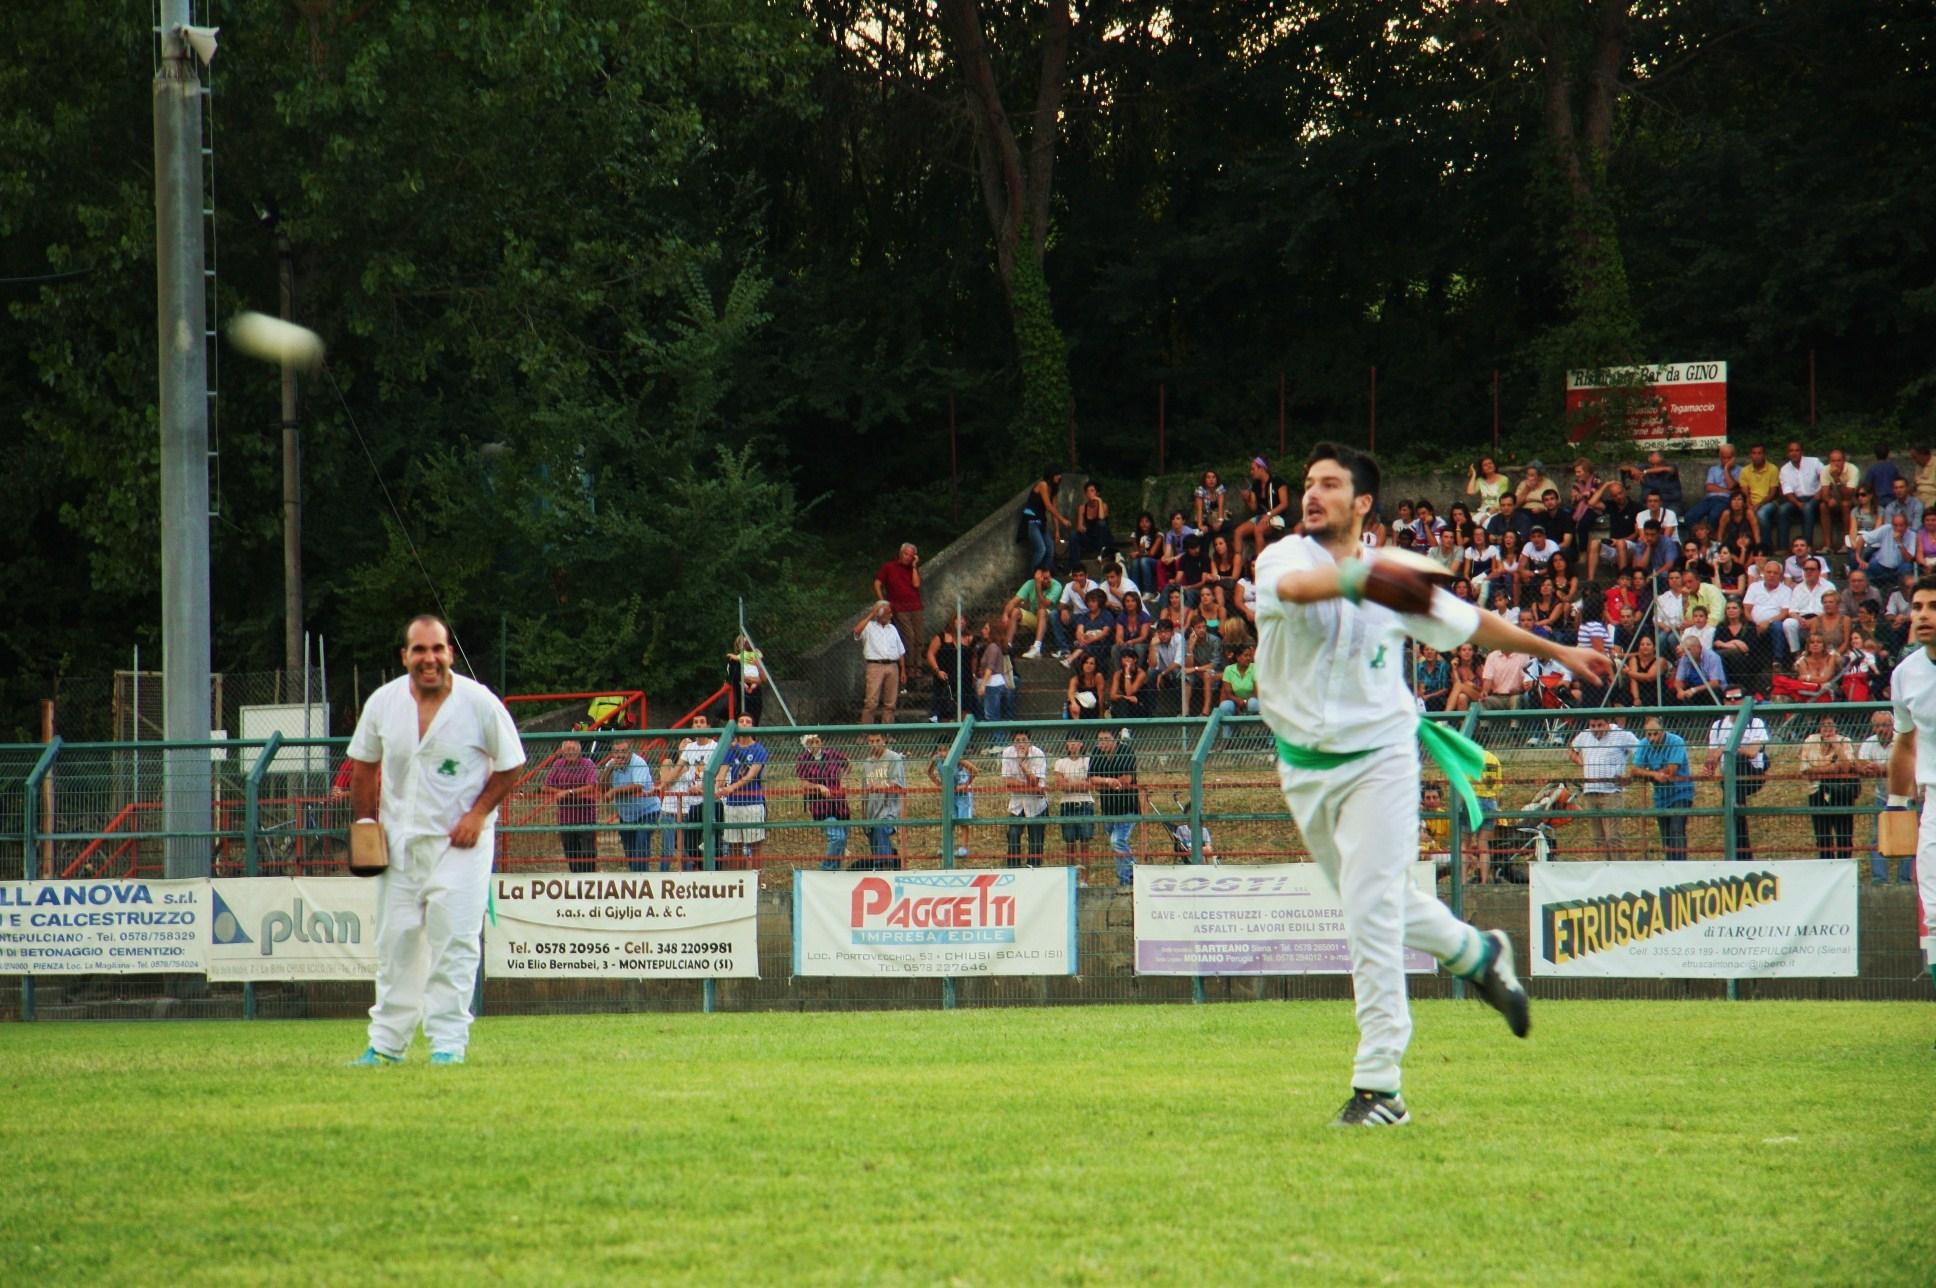 Chiusi: Granocchiaio si conferma campione di palla al bracciale